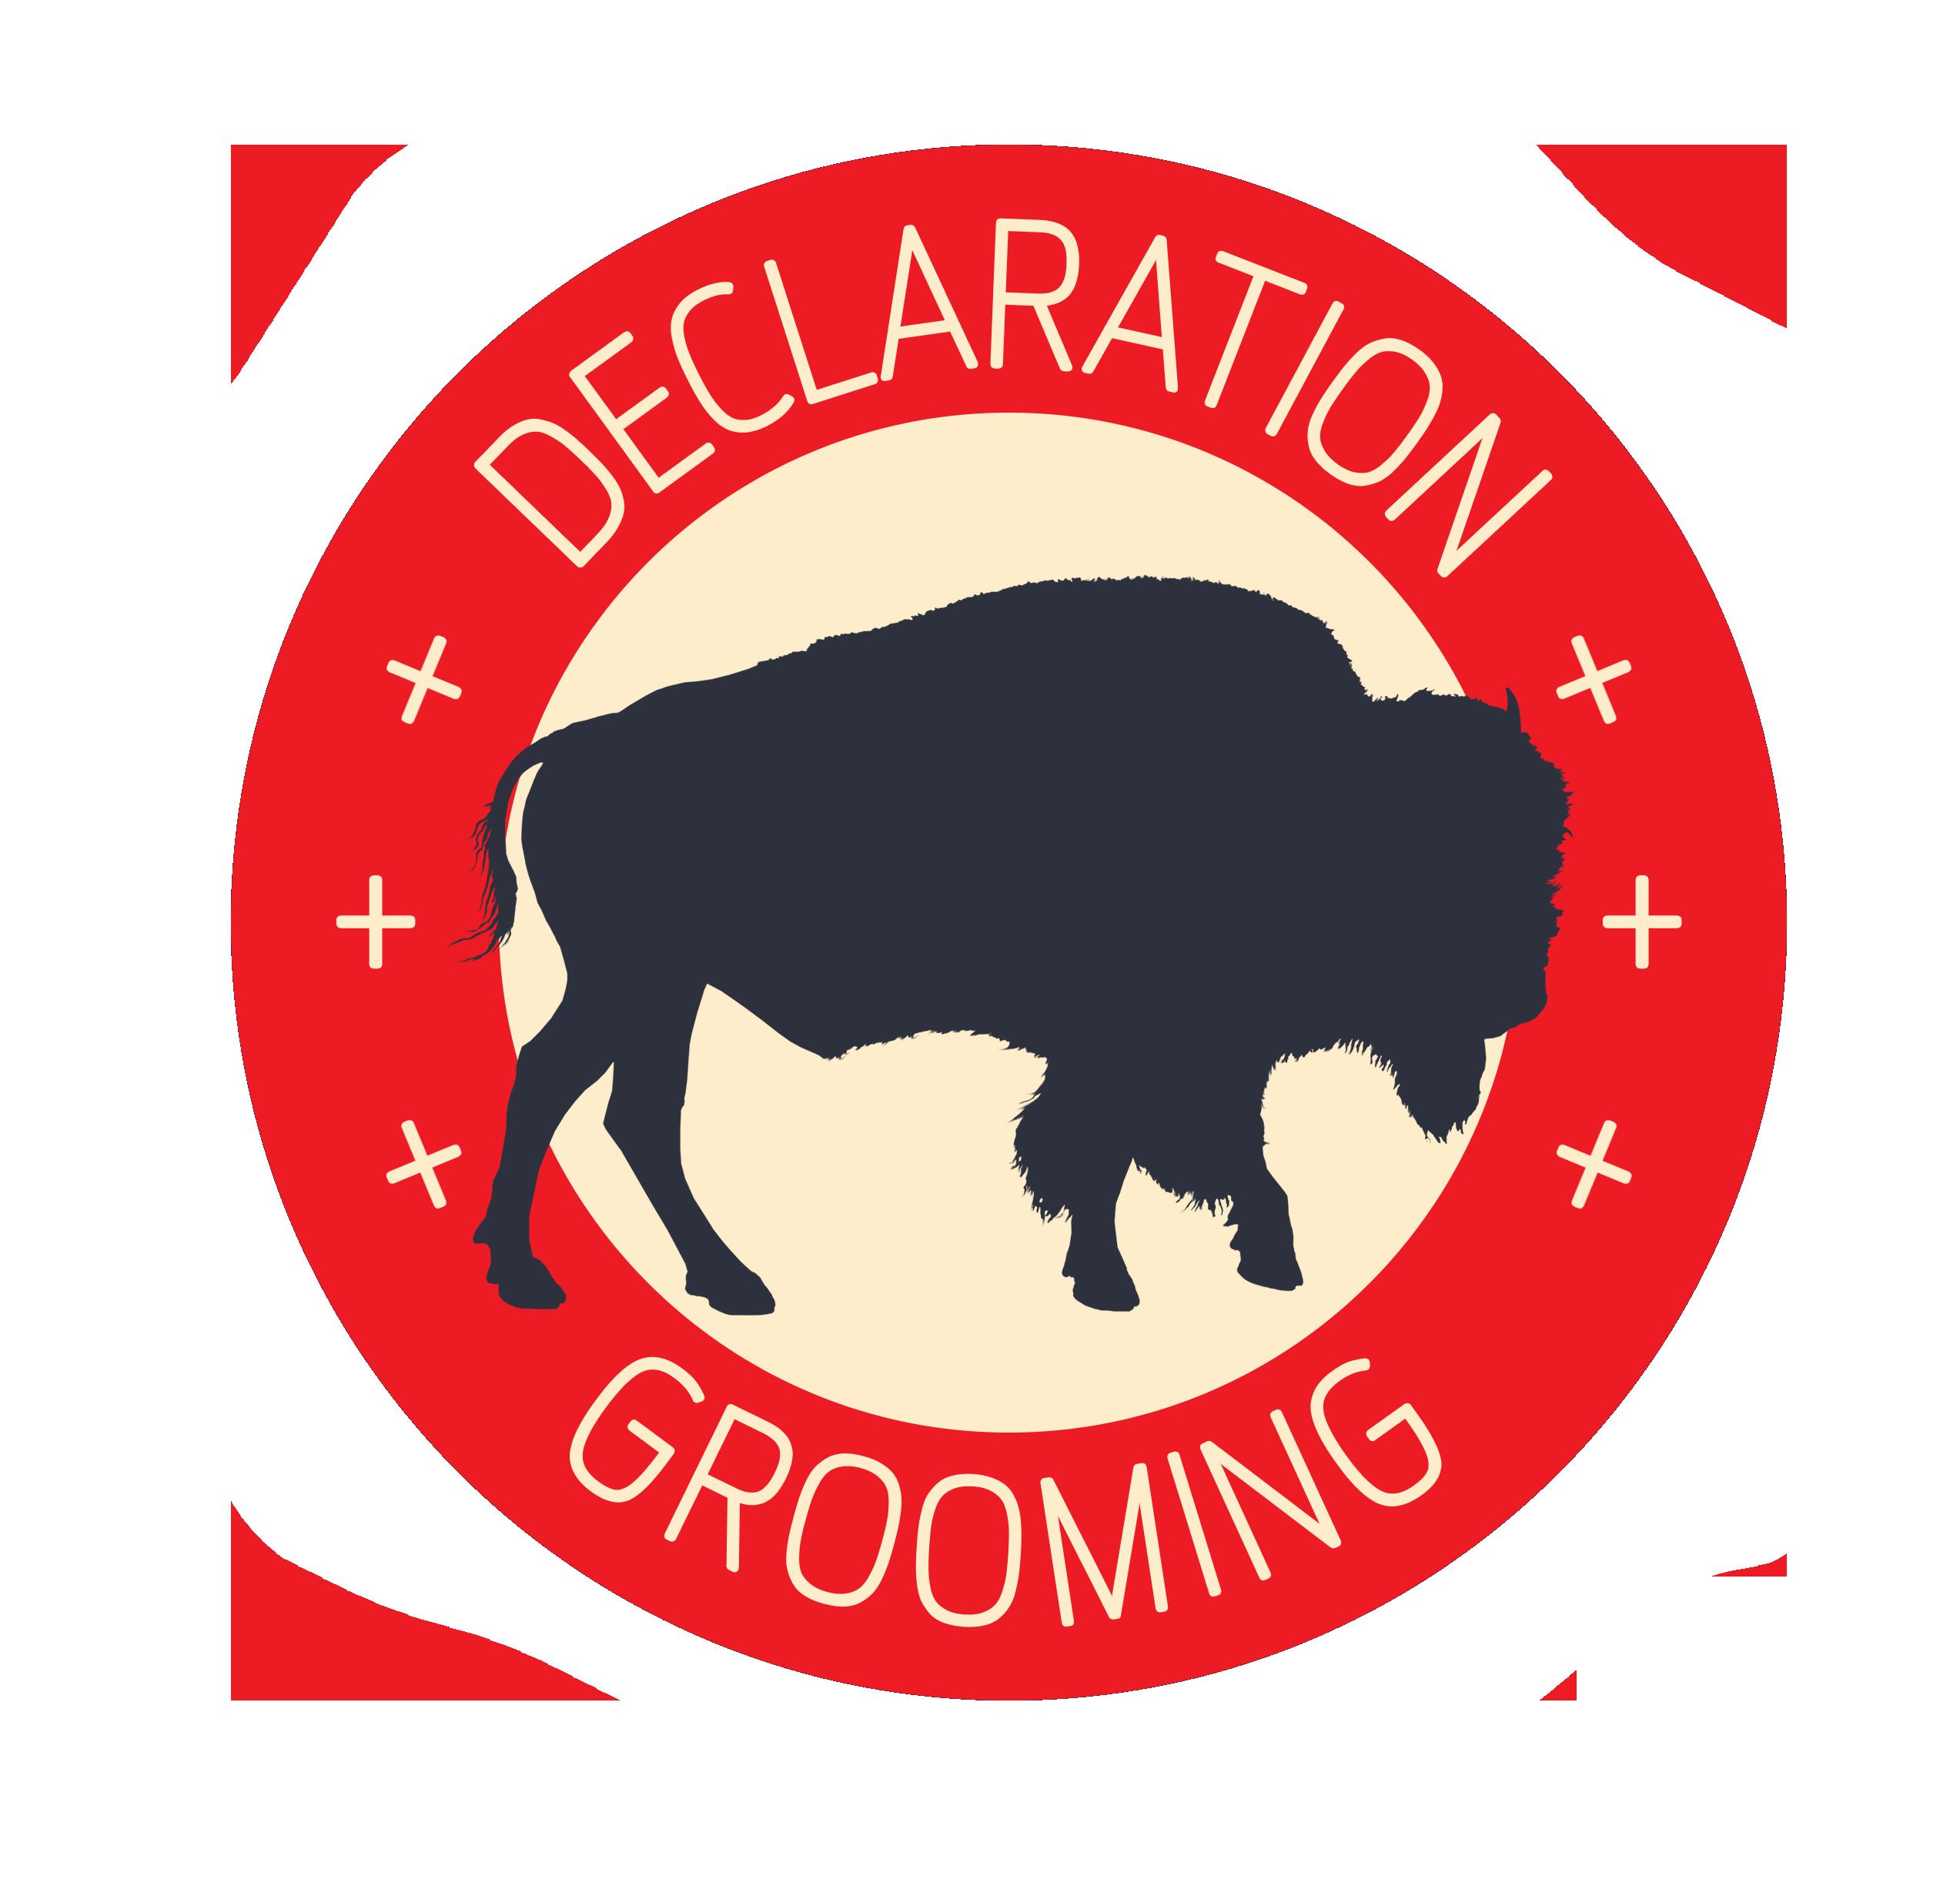 Declaration Grooming